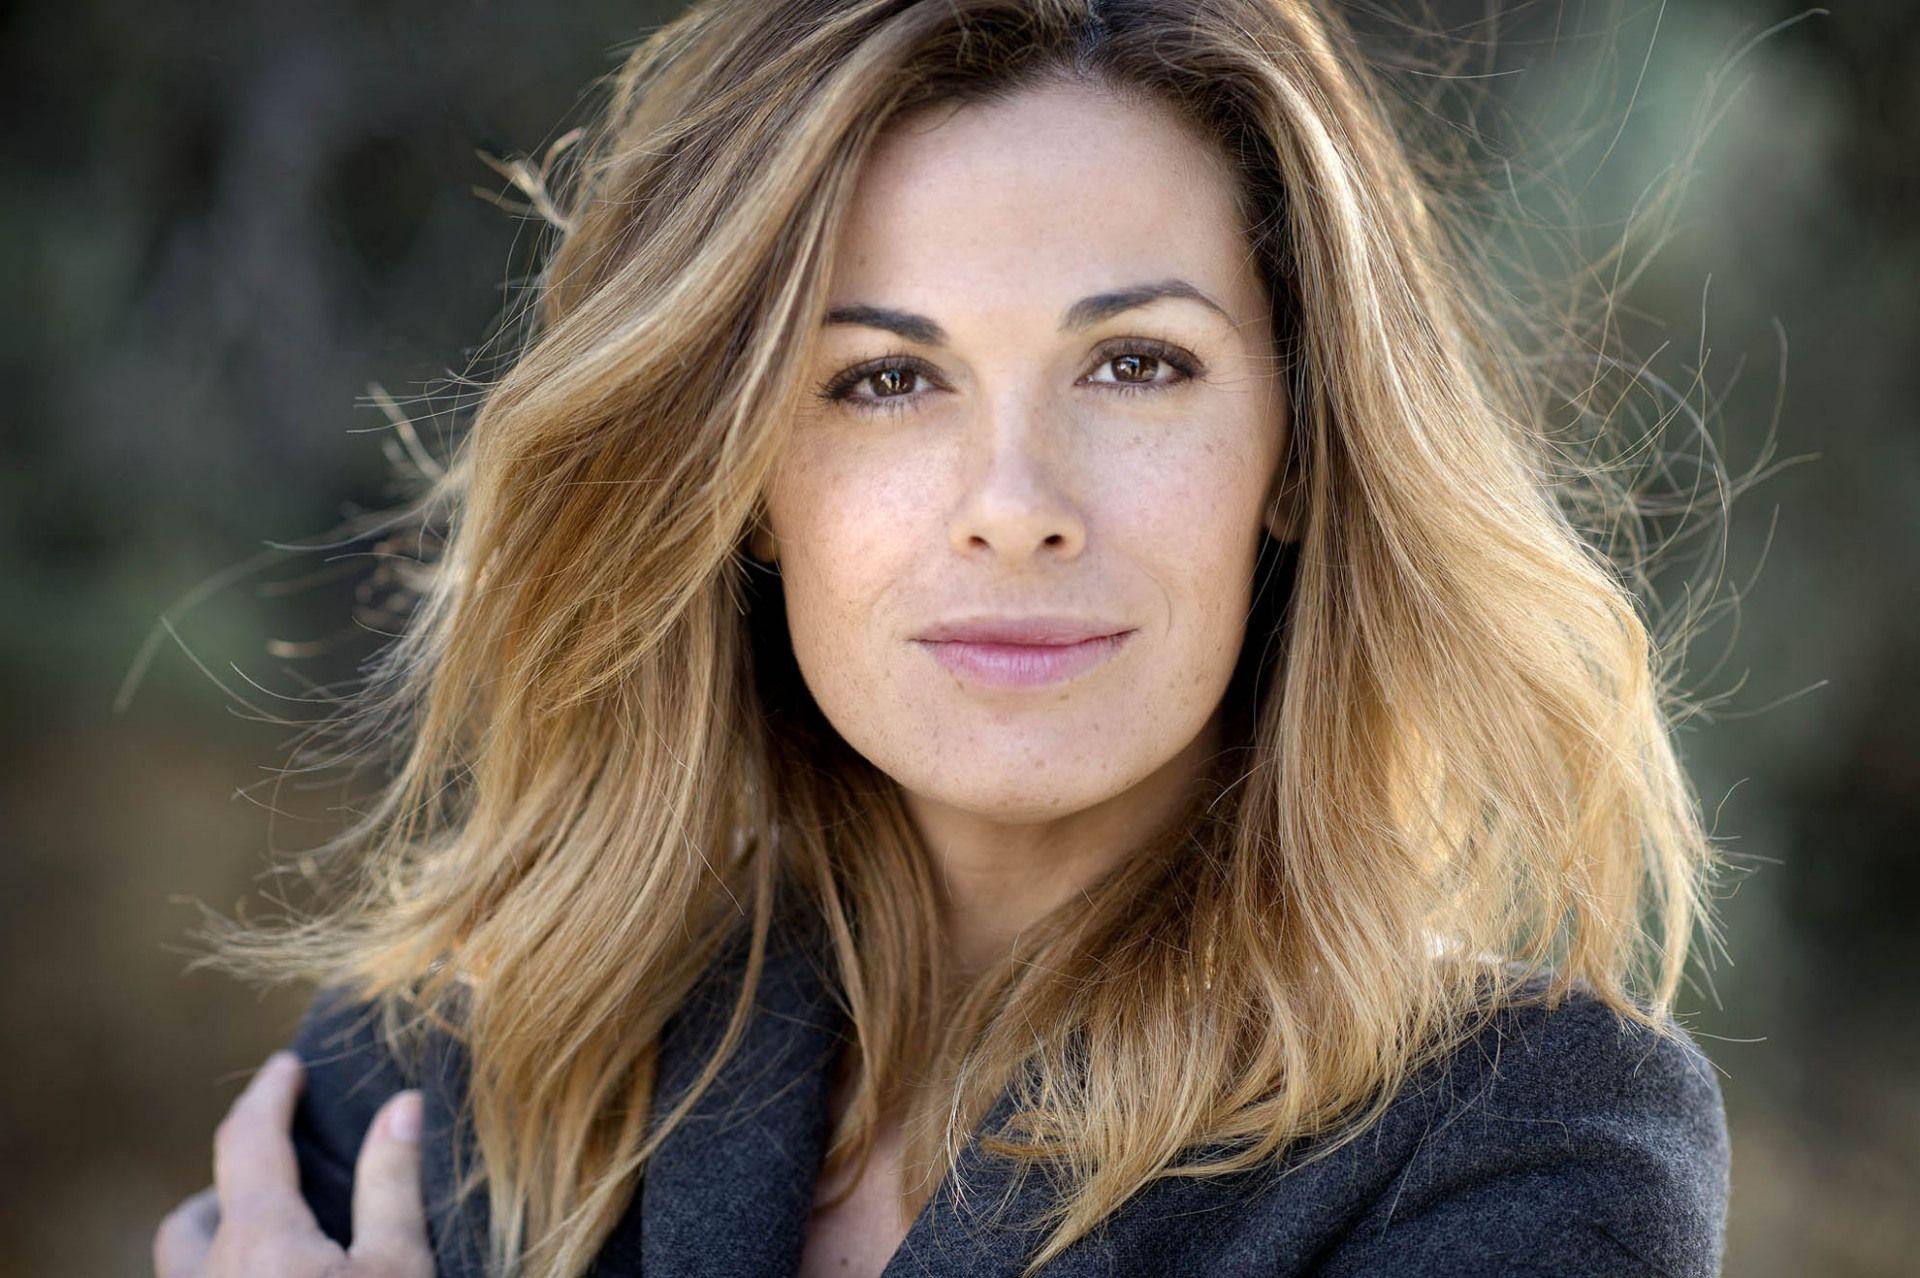 Sanremo 2016: Vanessa Incontrada valletta di Carlo Conti?